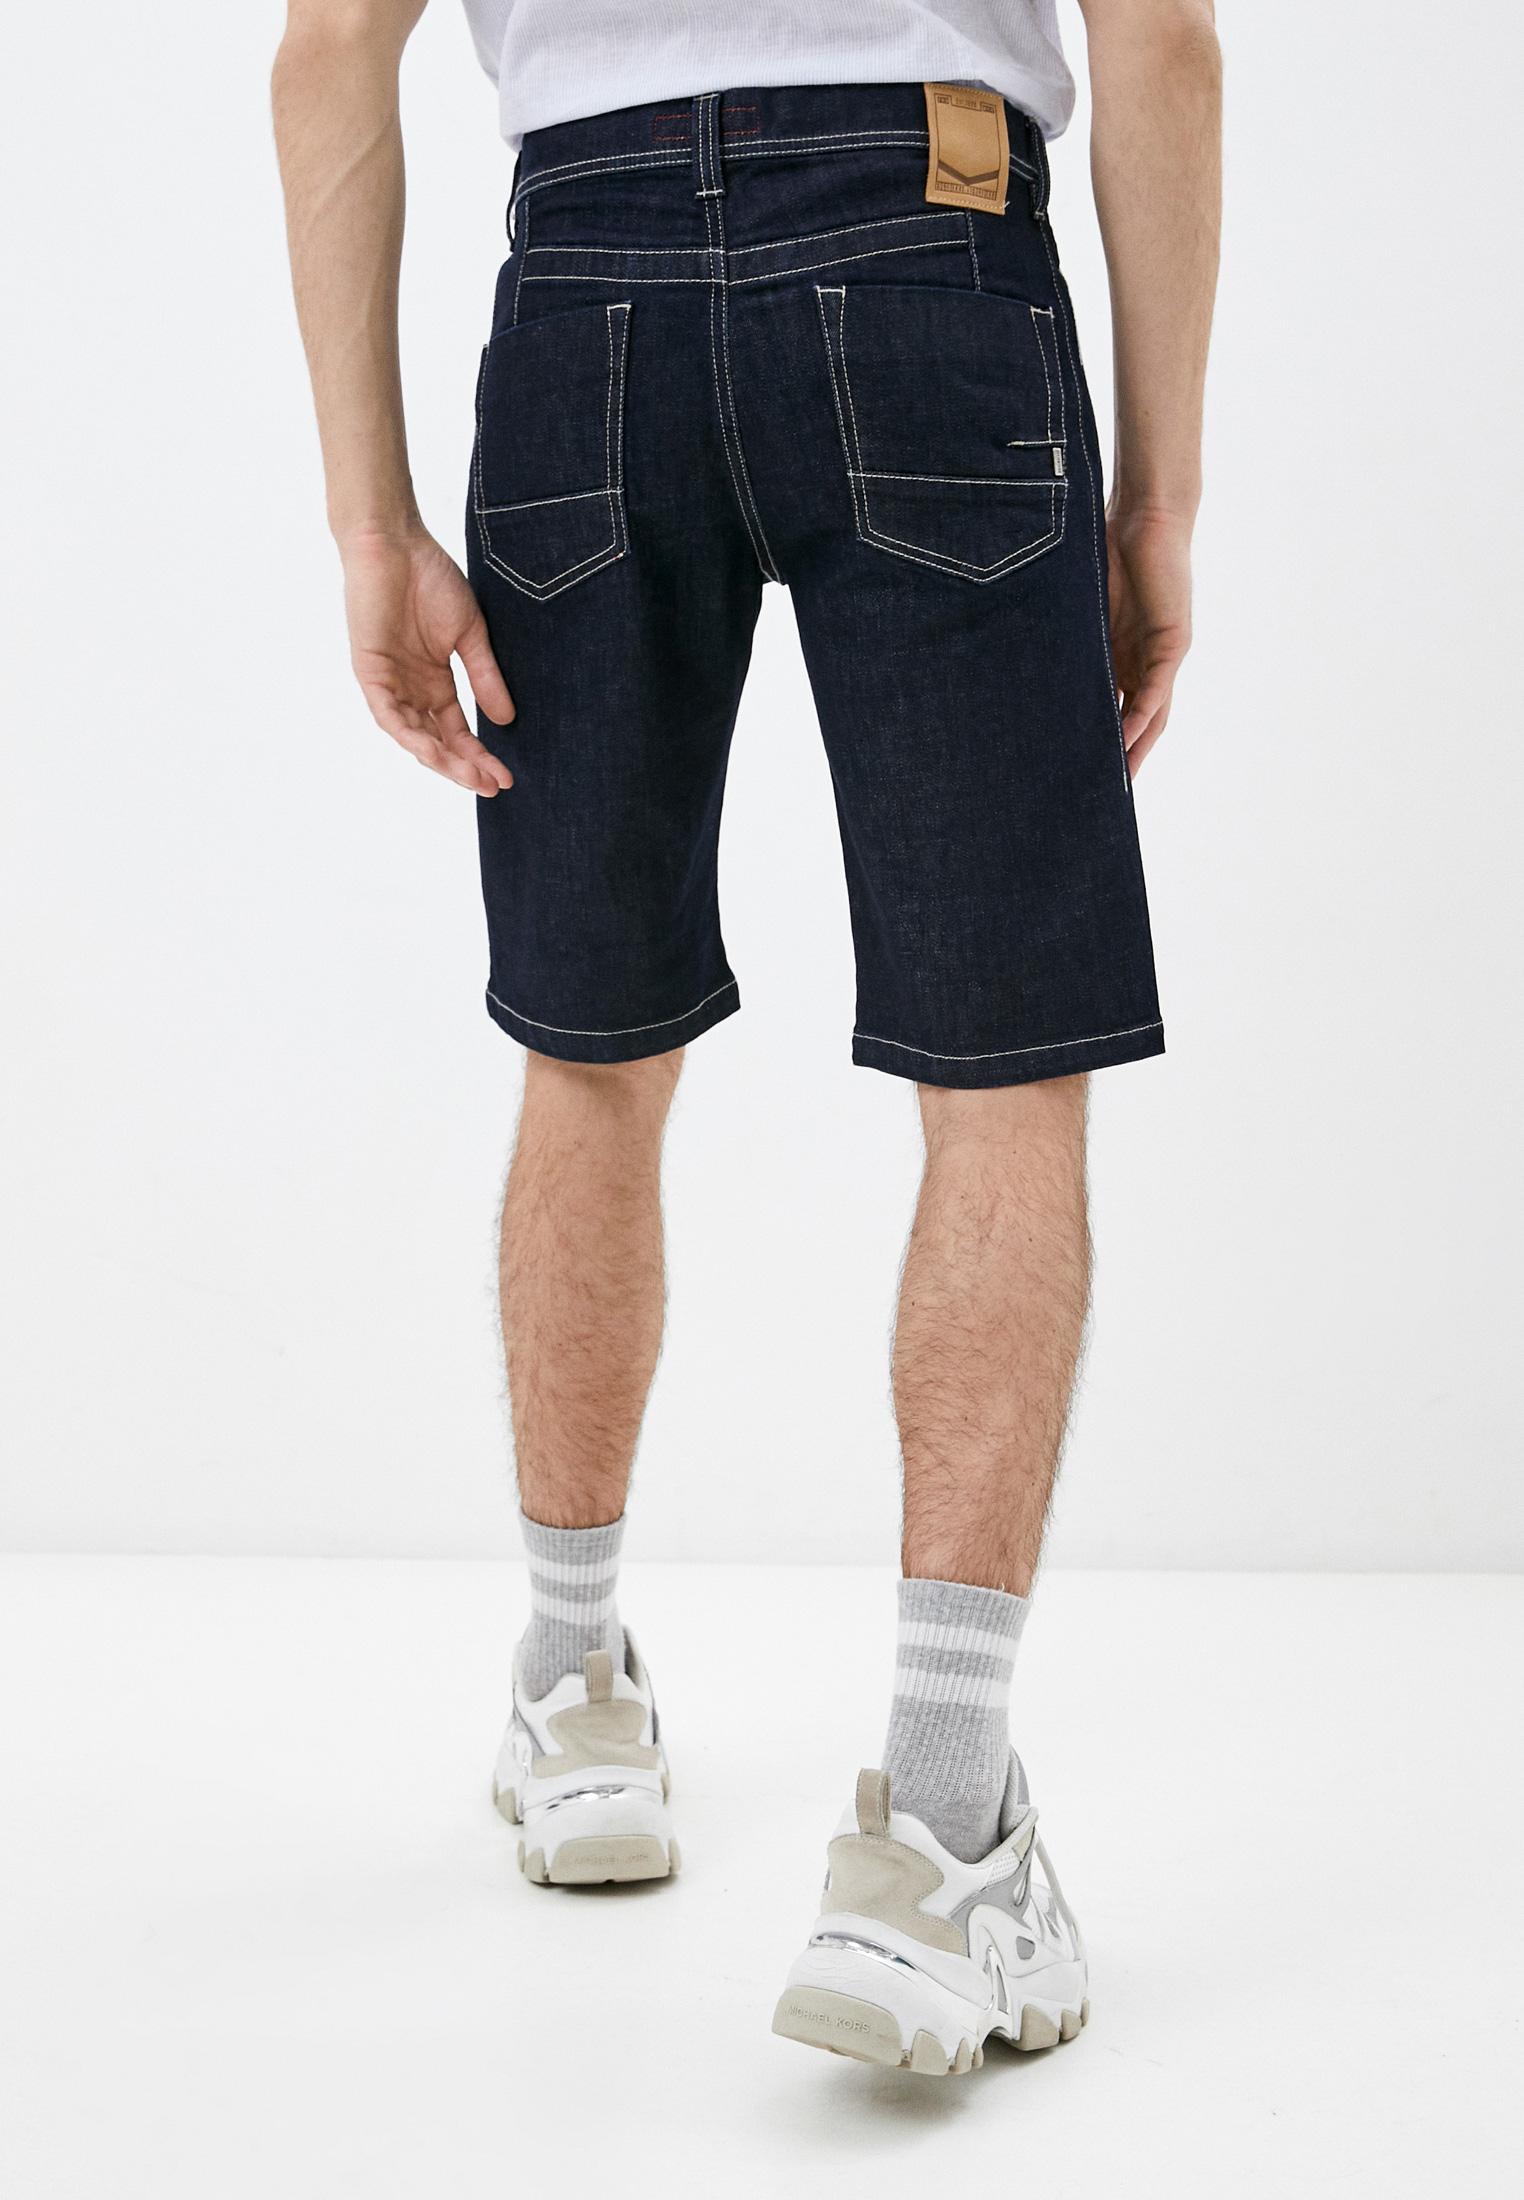 Мужские джинсовые шорты Bikkembergs (Биккембергс) CO20100S3182003B: изображение 4